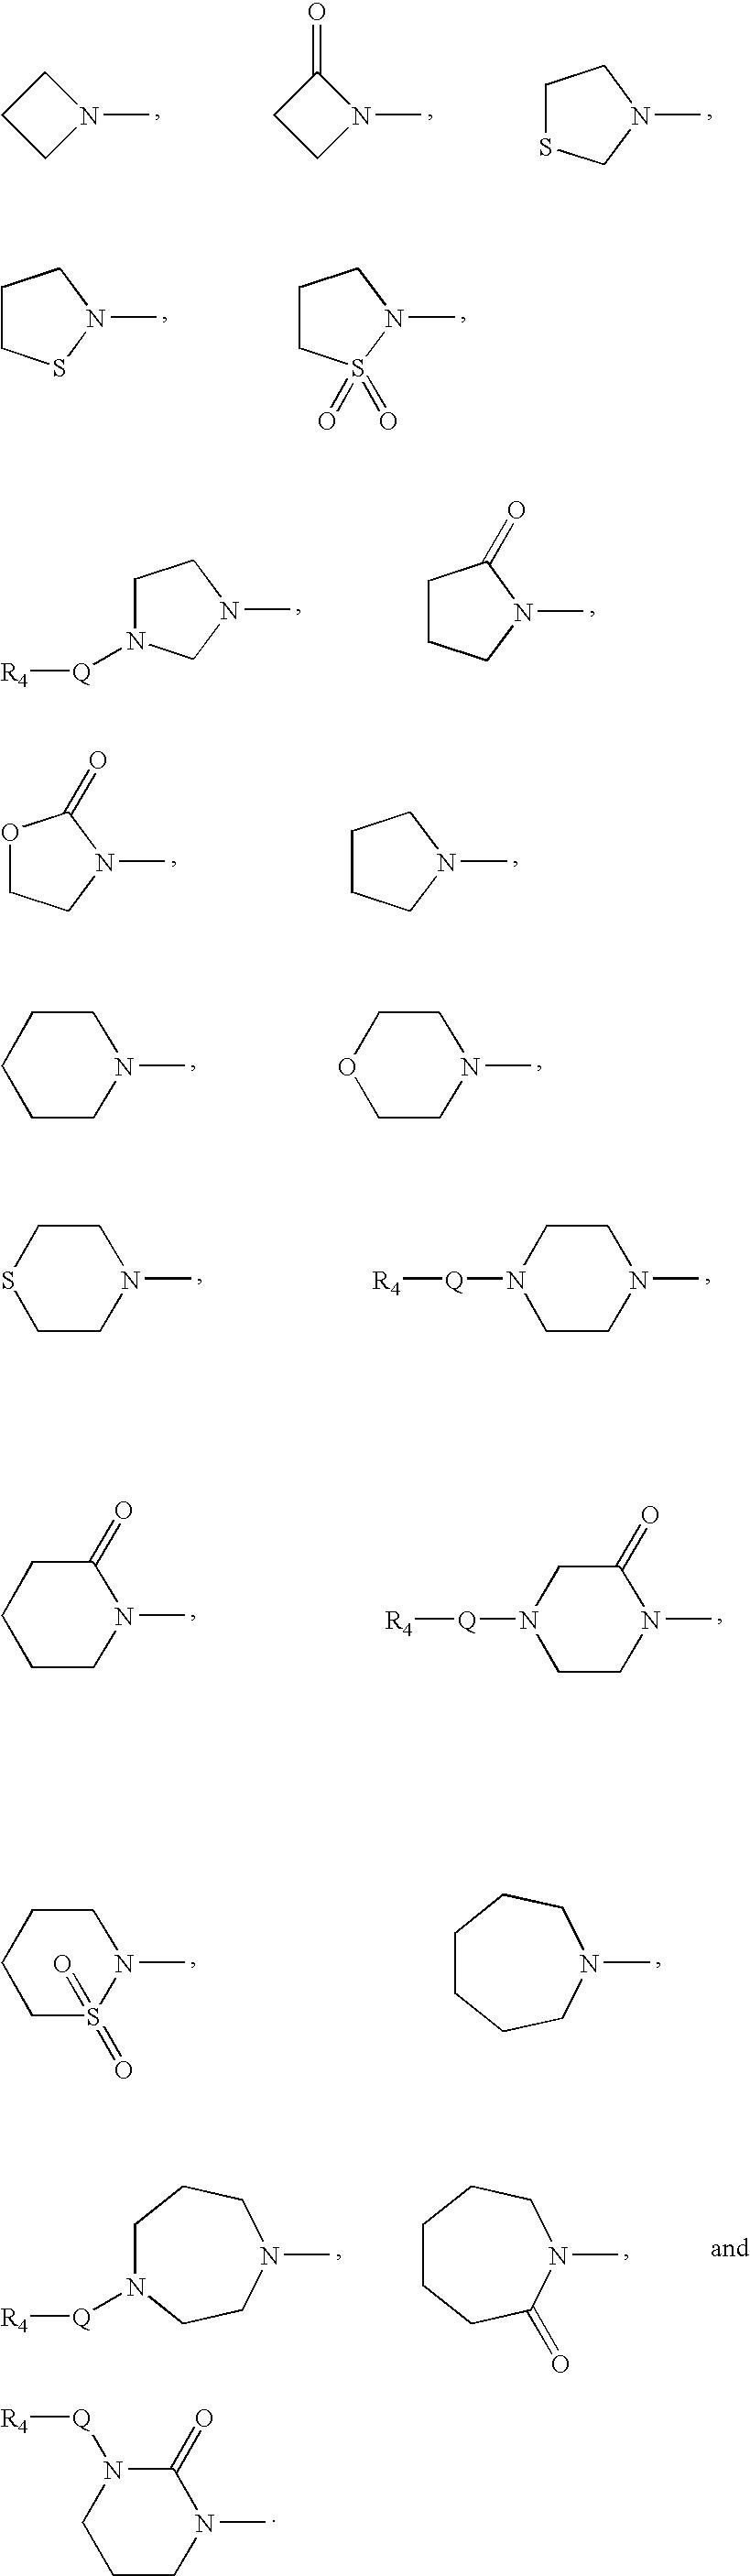 Figure US20070213356A1-20070913-C00442